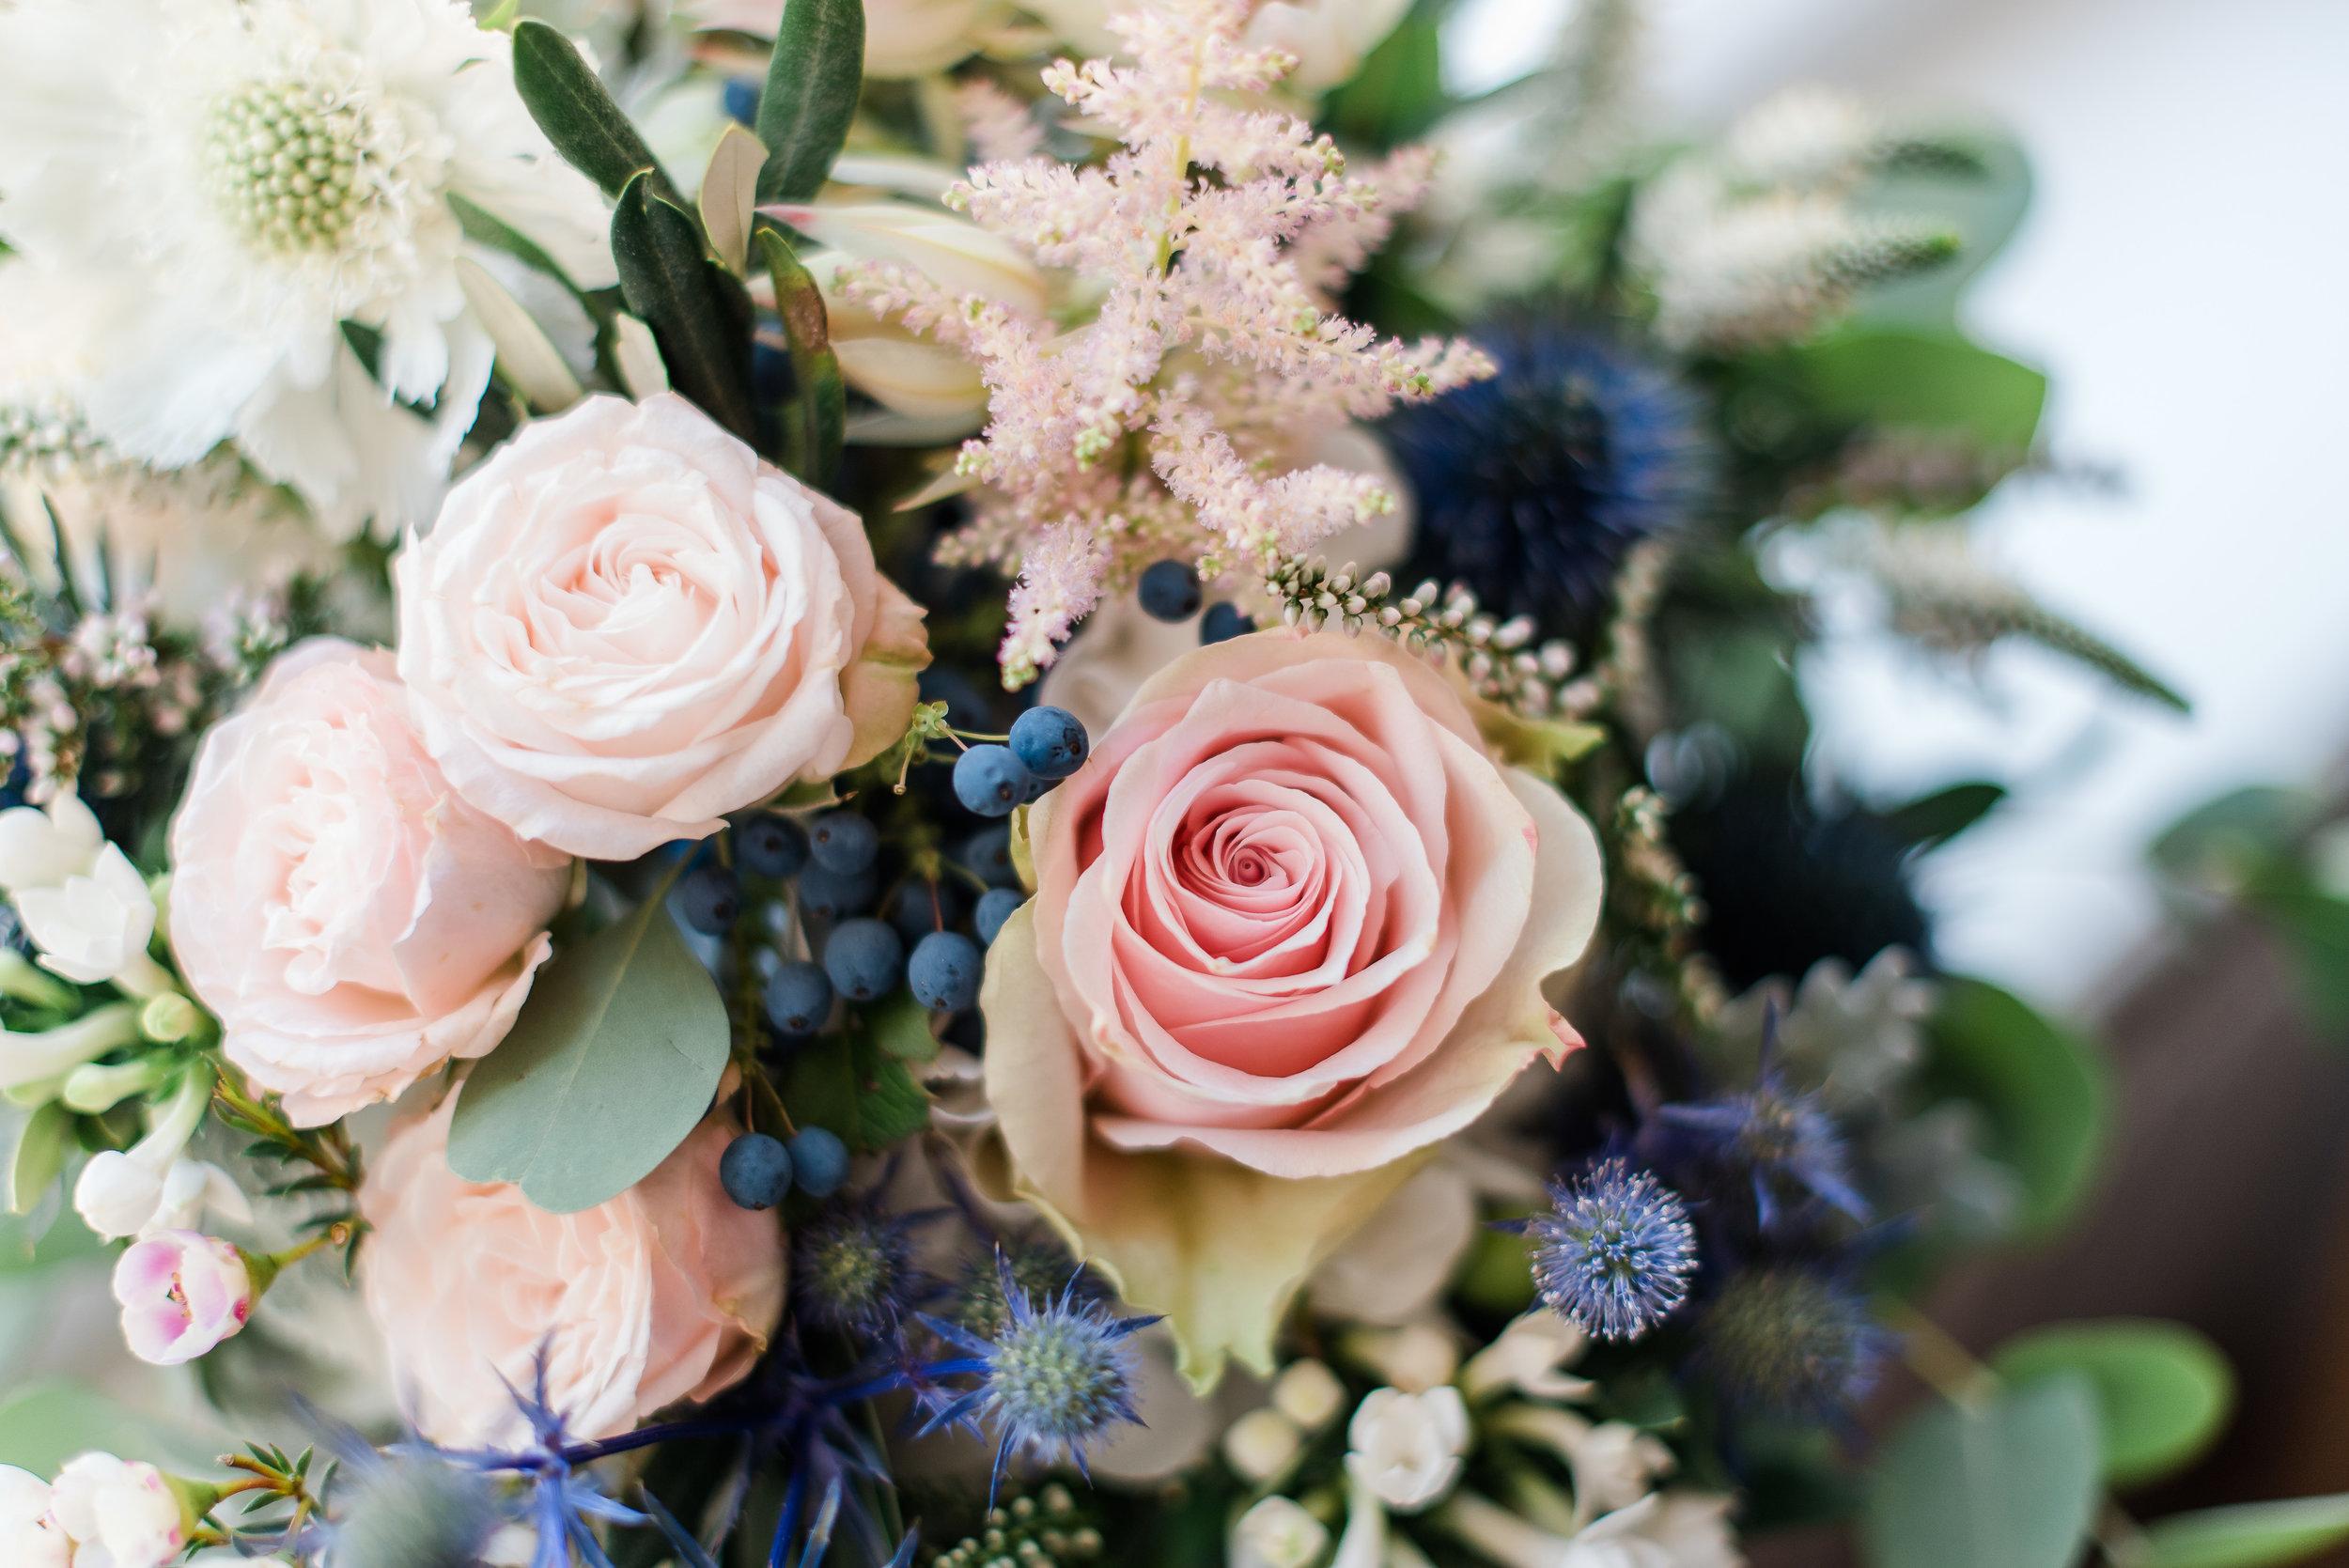 rosemarrylemon_Hochzeit_ES_Hochzeitsdeko5.jpg